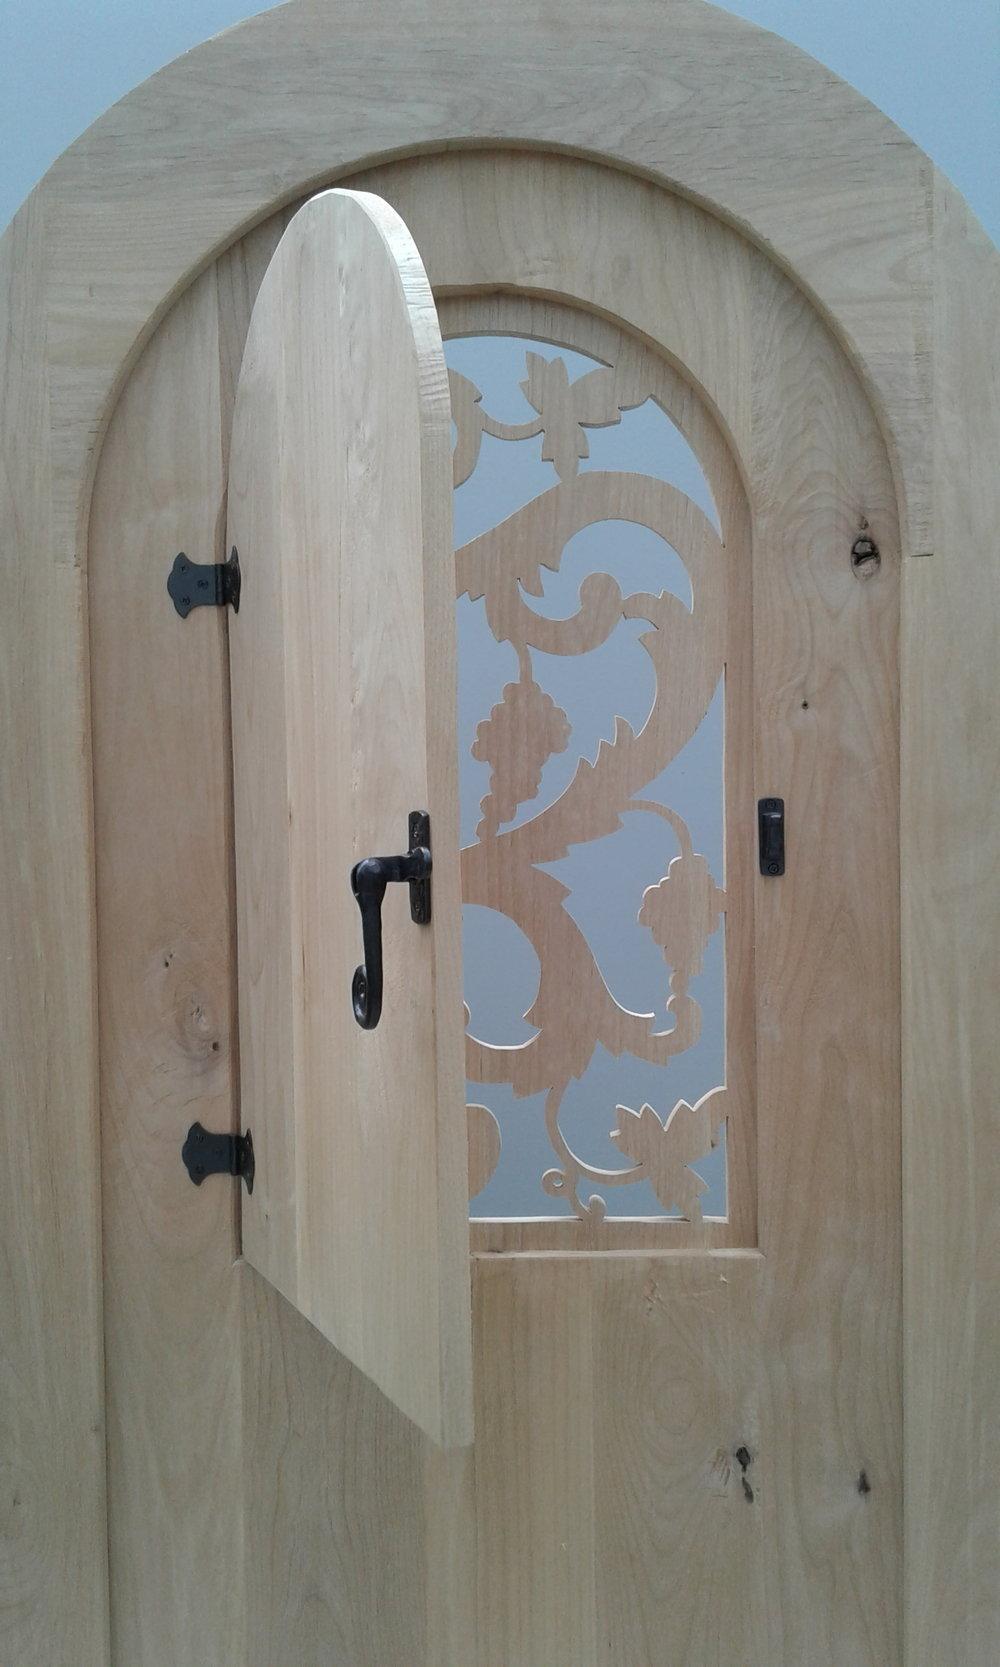 Wine Room Door #3 Opens As a Speakeasy